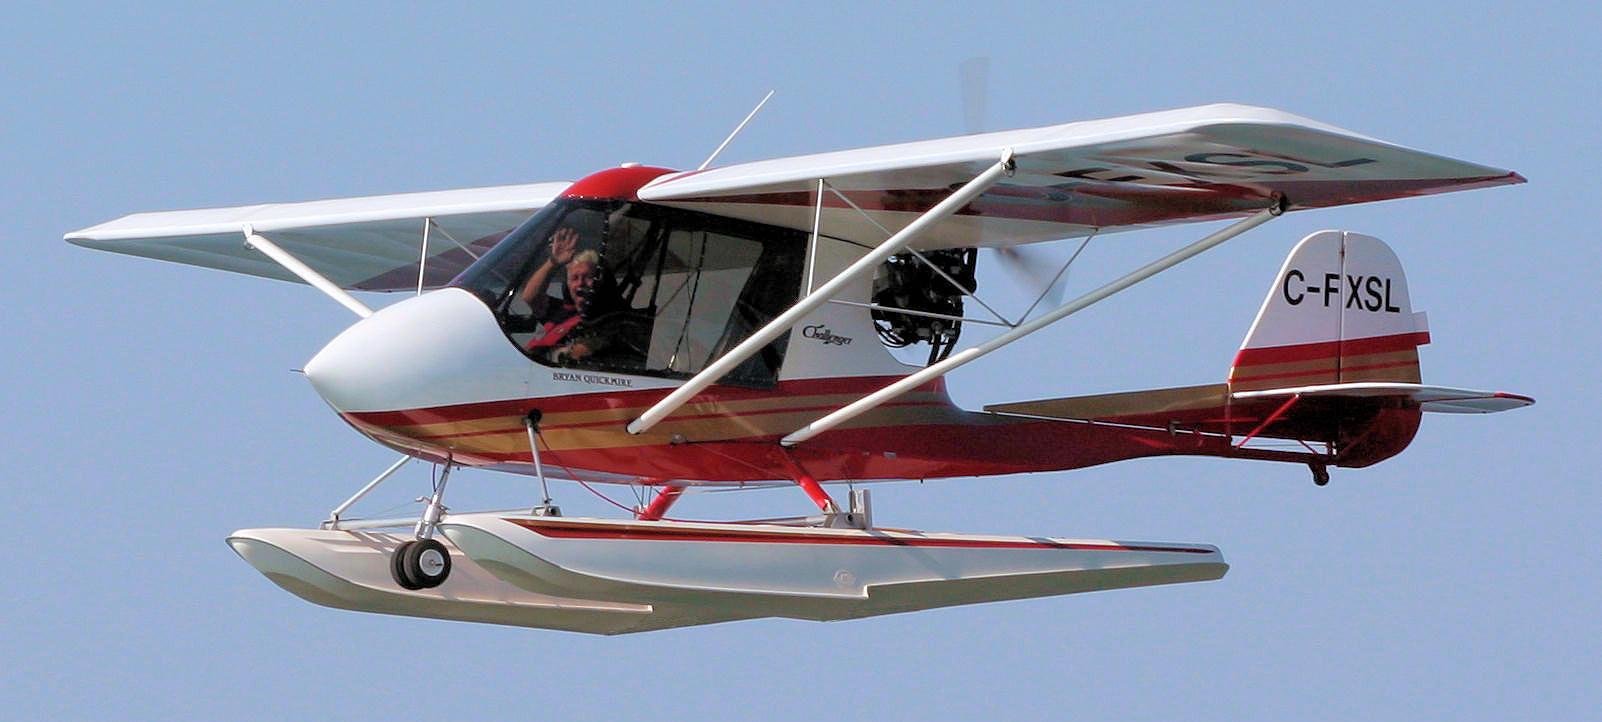 Challenger advanced ultralight light sport aircraft national ultralight canada quad city u s